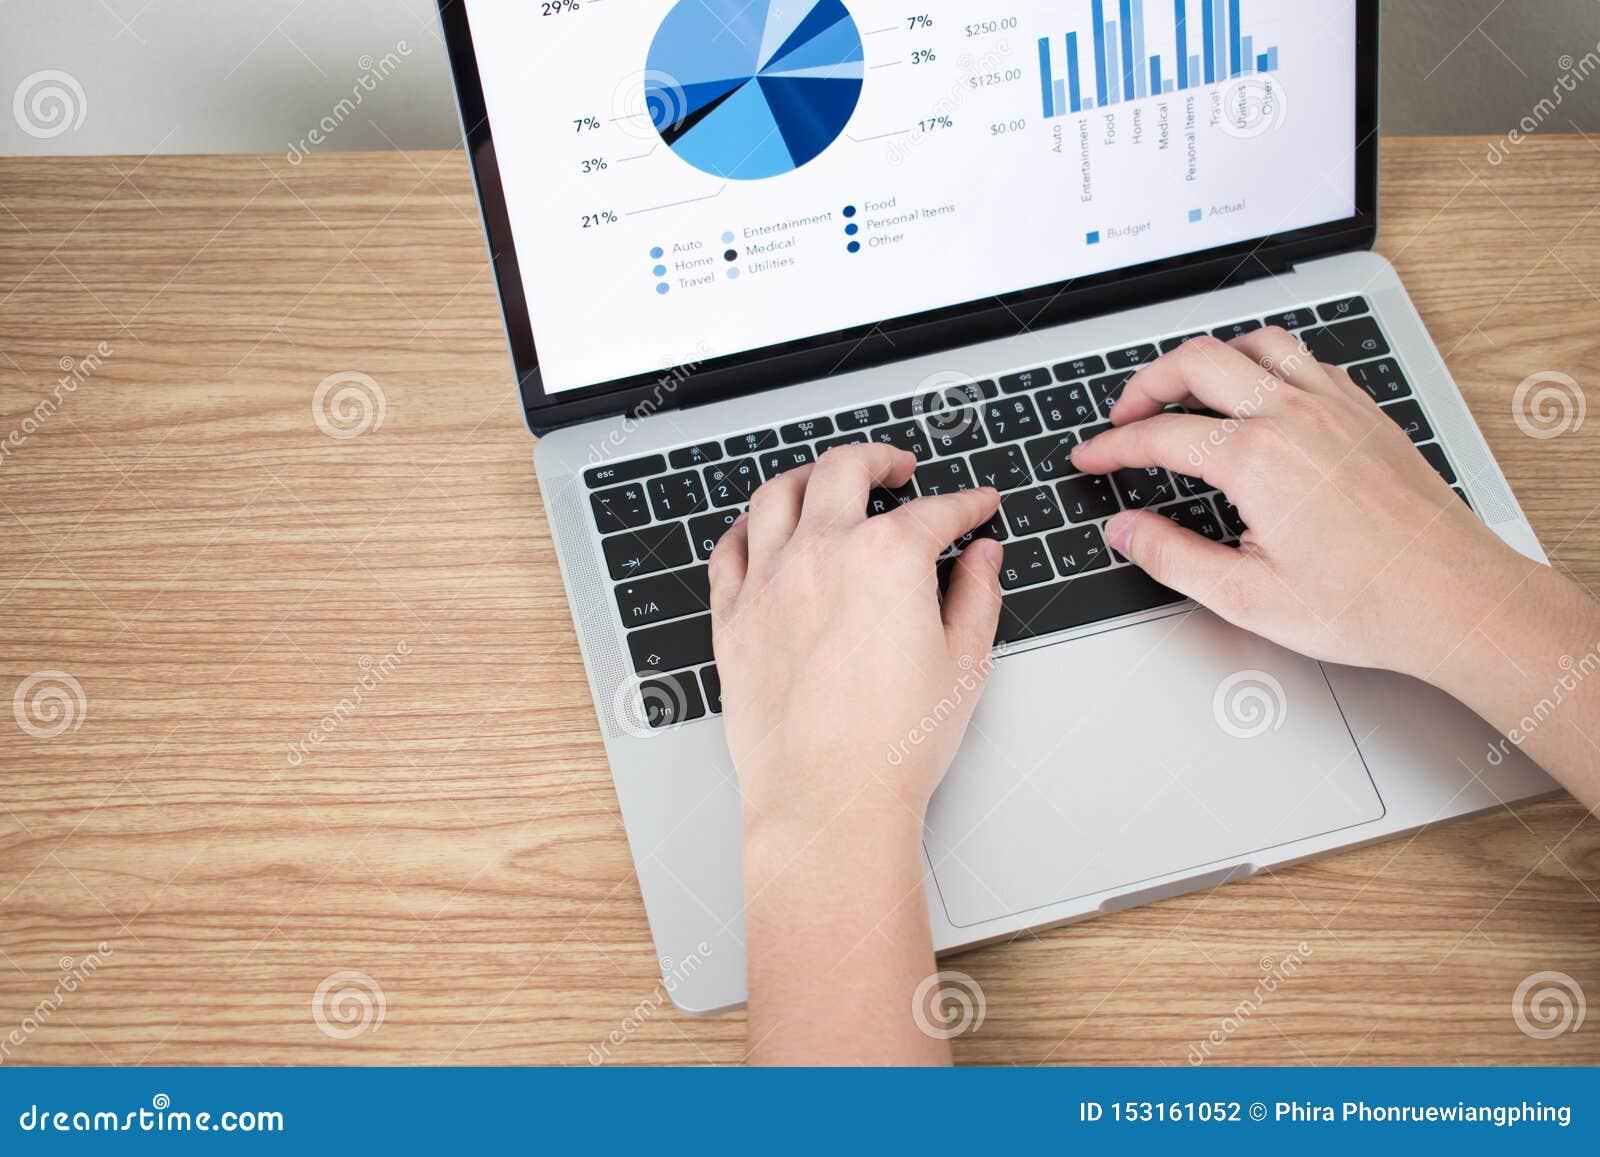 Close-upbeelden van handen op laptops die financi?le grafieken op het scherm op een bruine houten lijst tonen